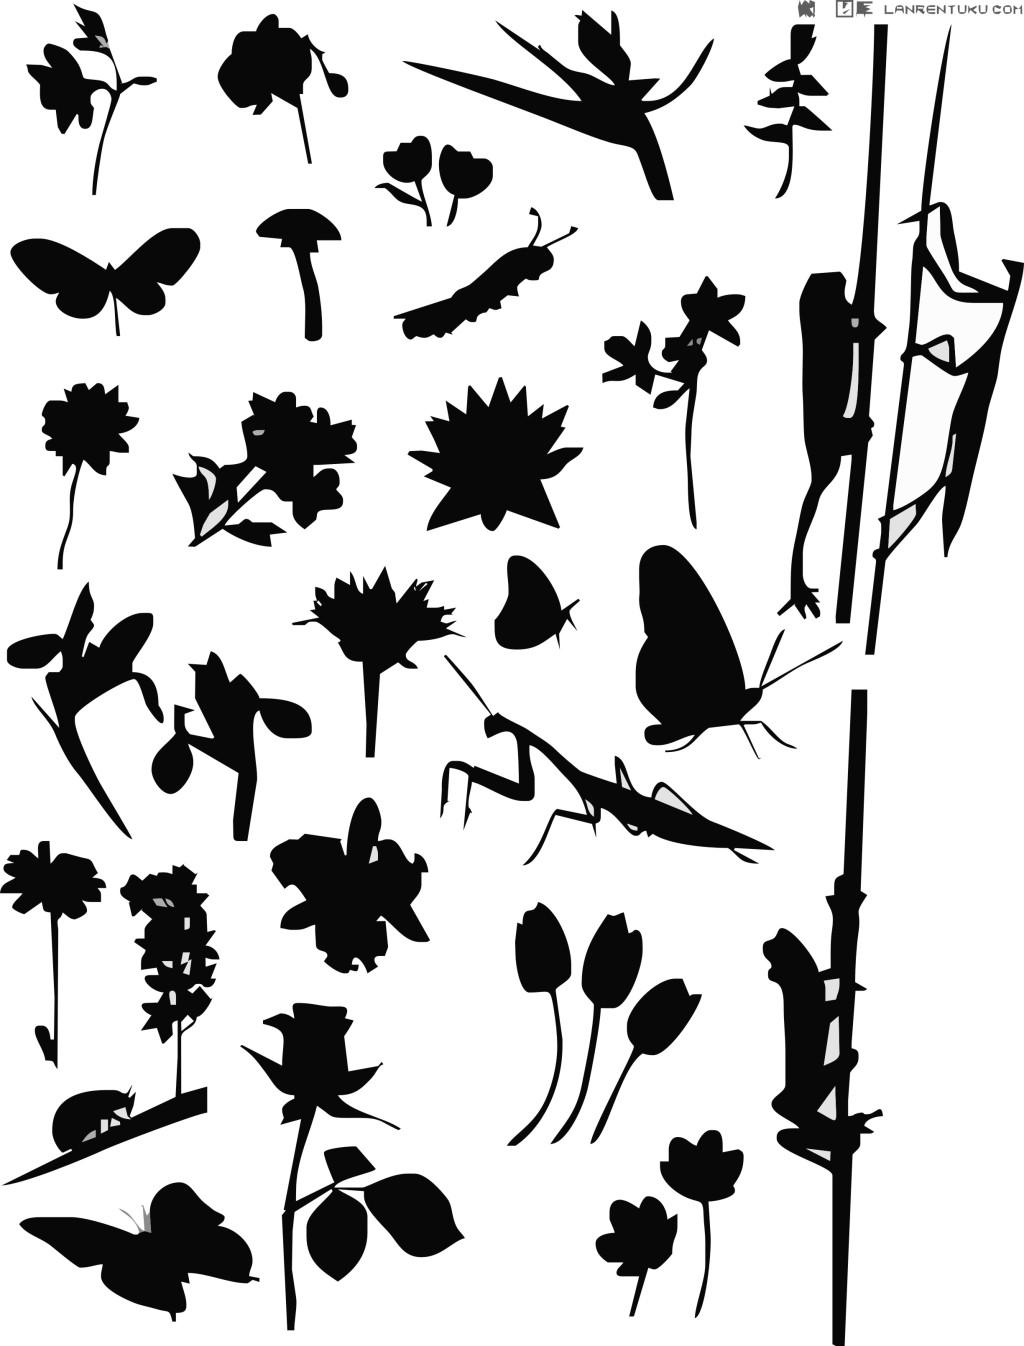 树木树叶 叶子 叶子 矢量叶子 树木树叶 树剪影 动感花纹 花纹花边